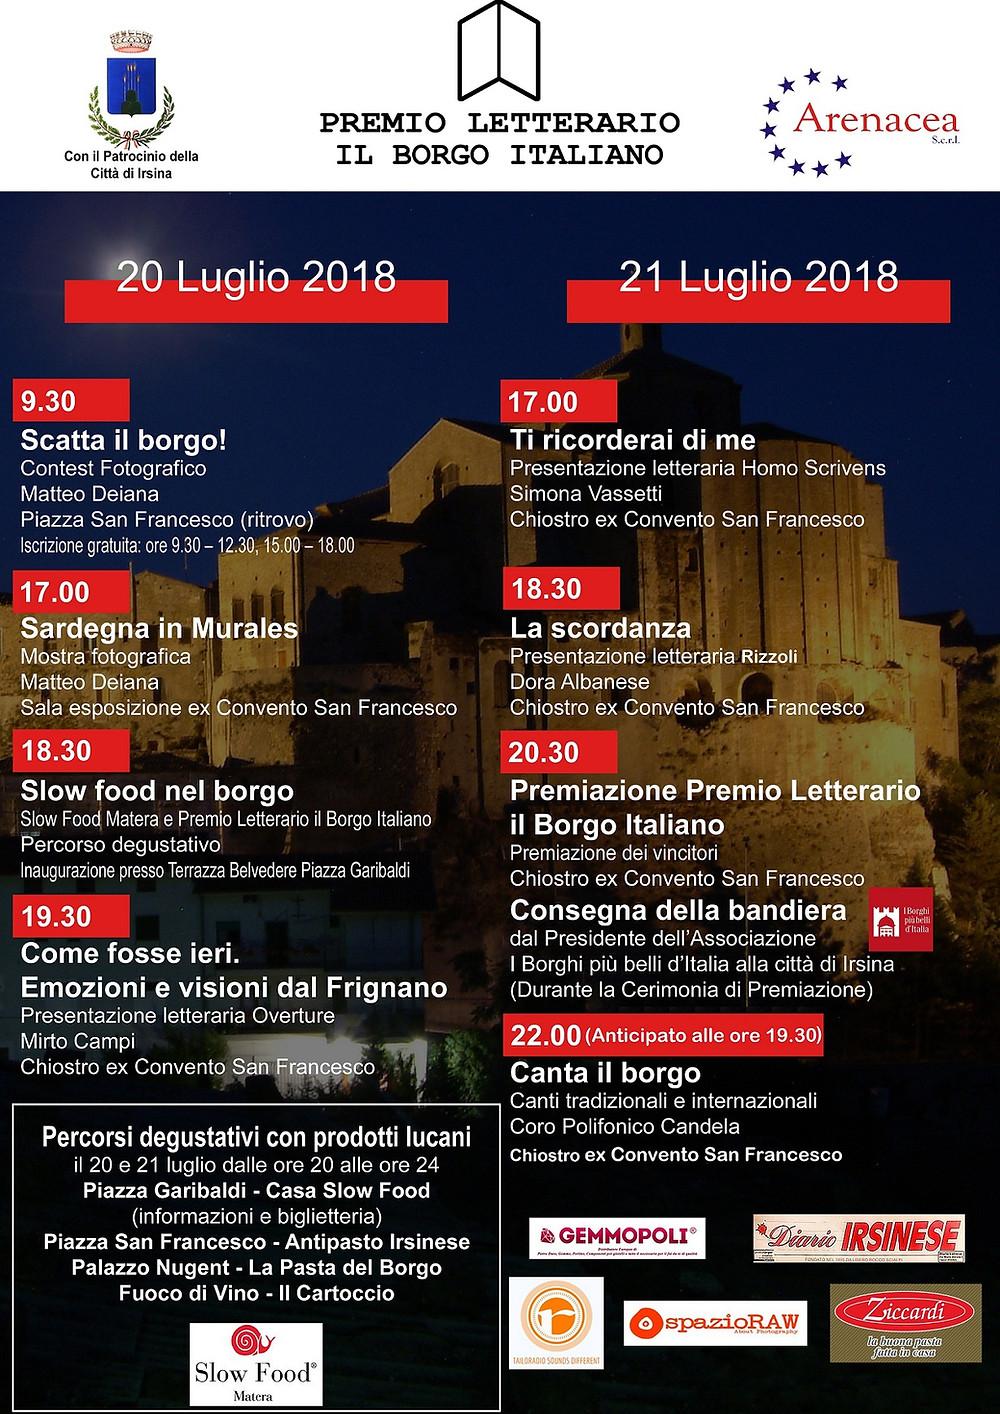 Eventi Premio Letterario il Borgo Italiano 2018